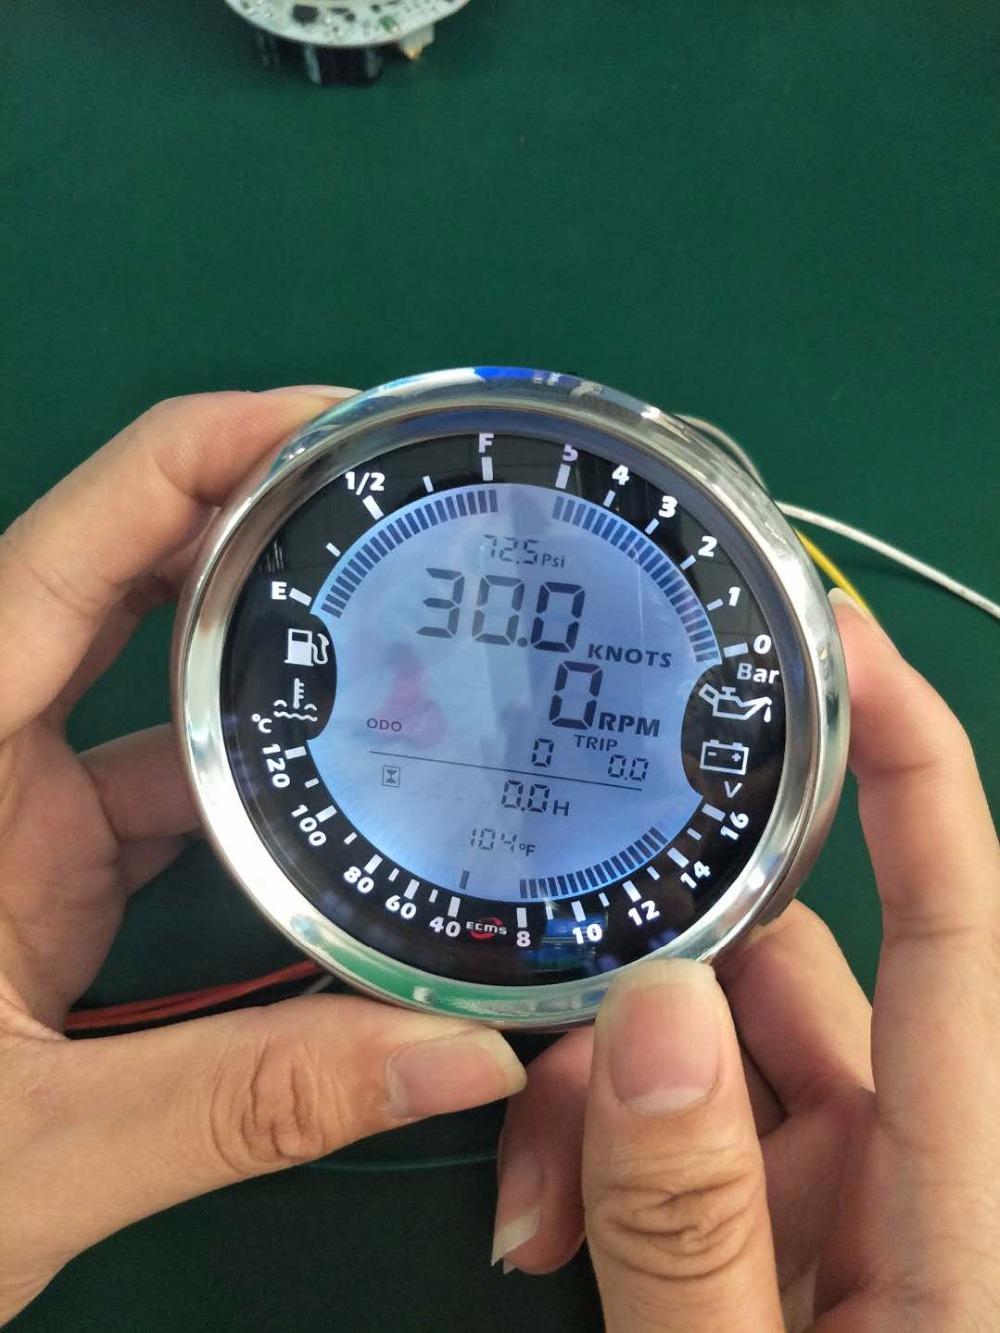 New 6 In 1 Multi Functional Gauge Meter Gps Speedometer Tachometer Speedometers Speed Sensor Vdo 37912847678053419 3 8